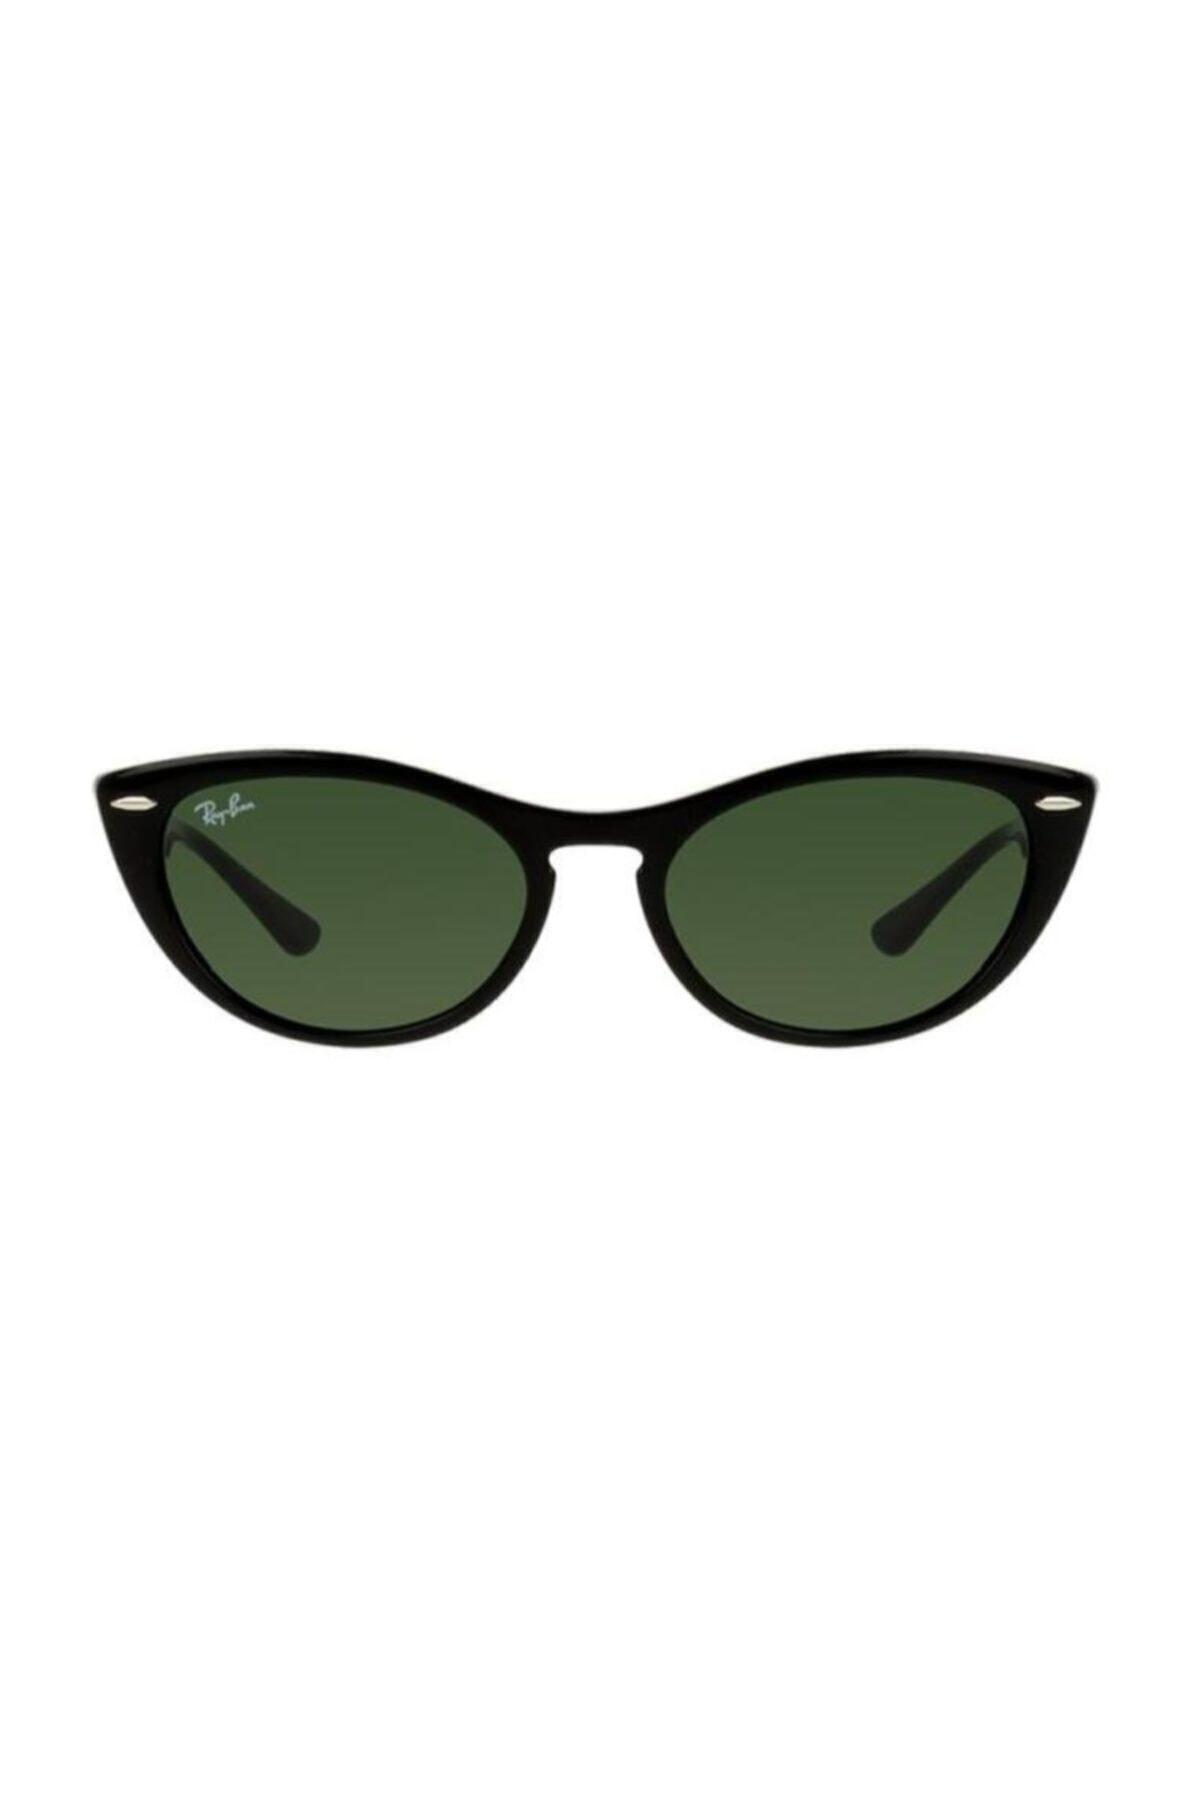 عینک آفتابی 2020 زنانه برند ری بن کد ty6053603